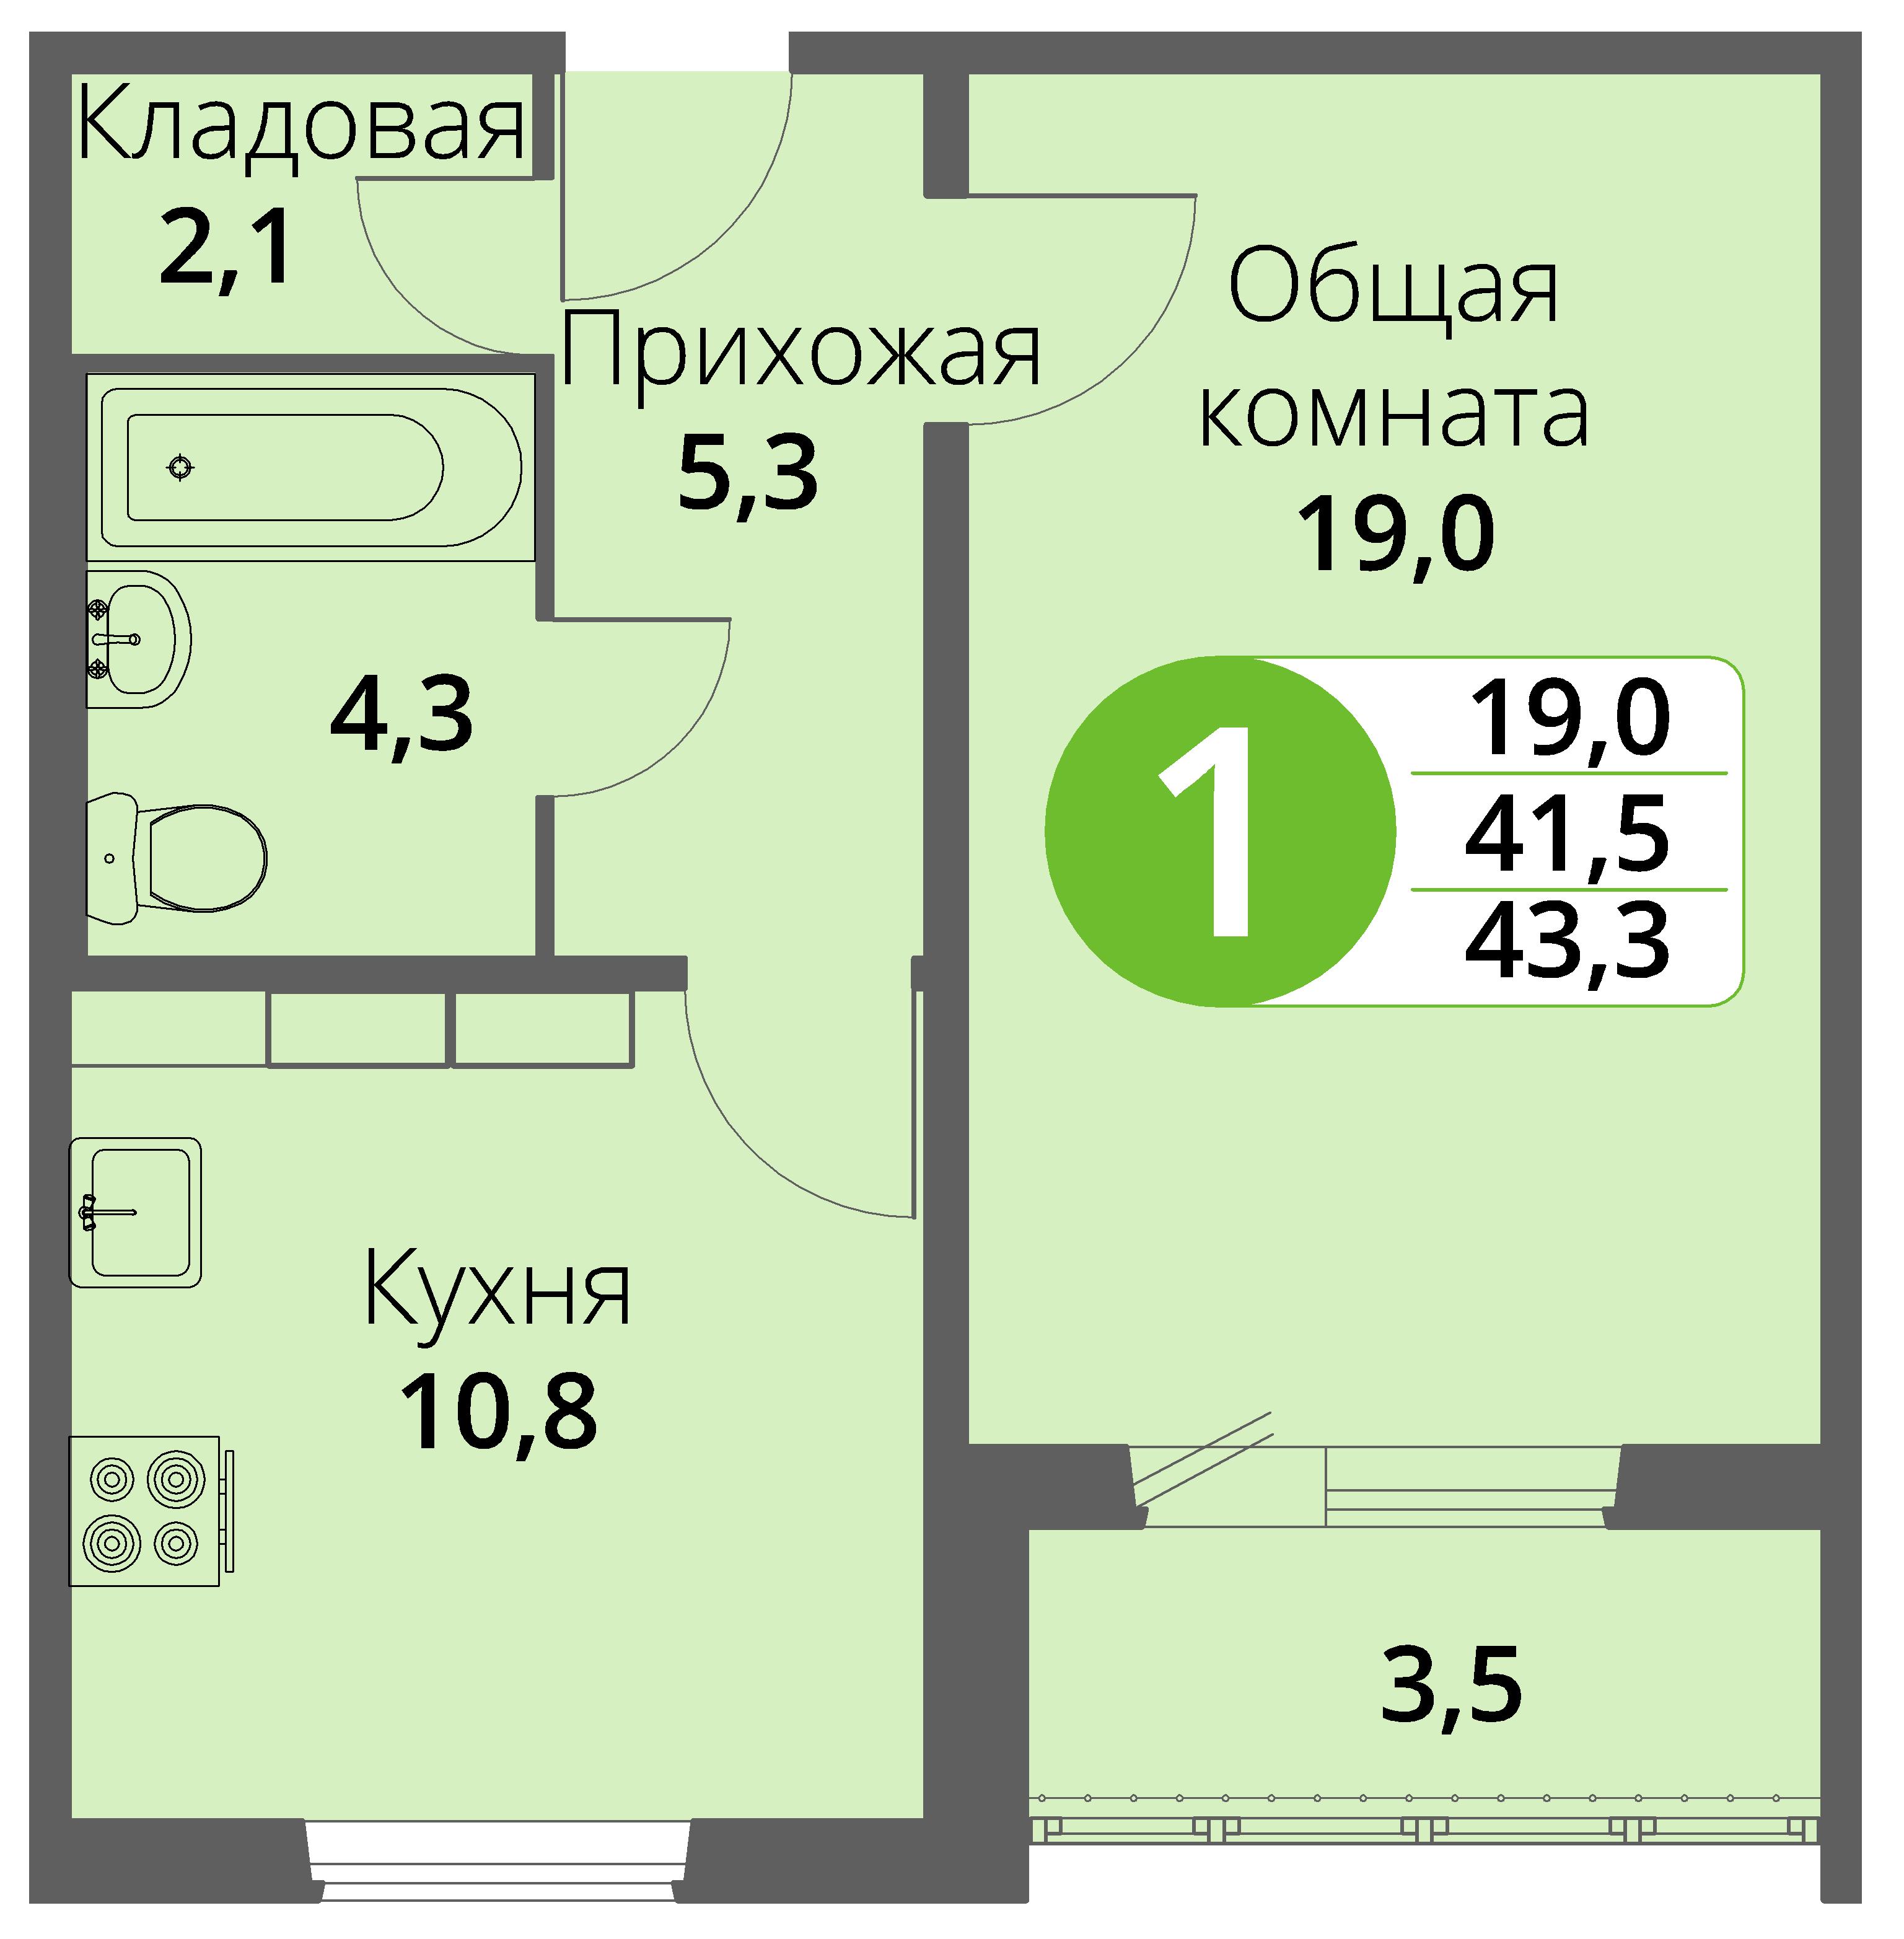 Зареченская 1-1, квартира 127 - Однокомнатная